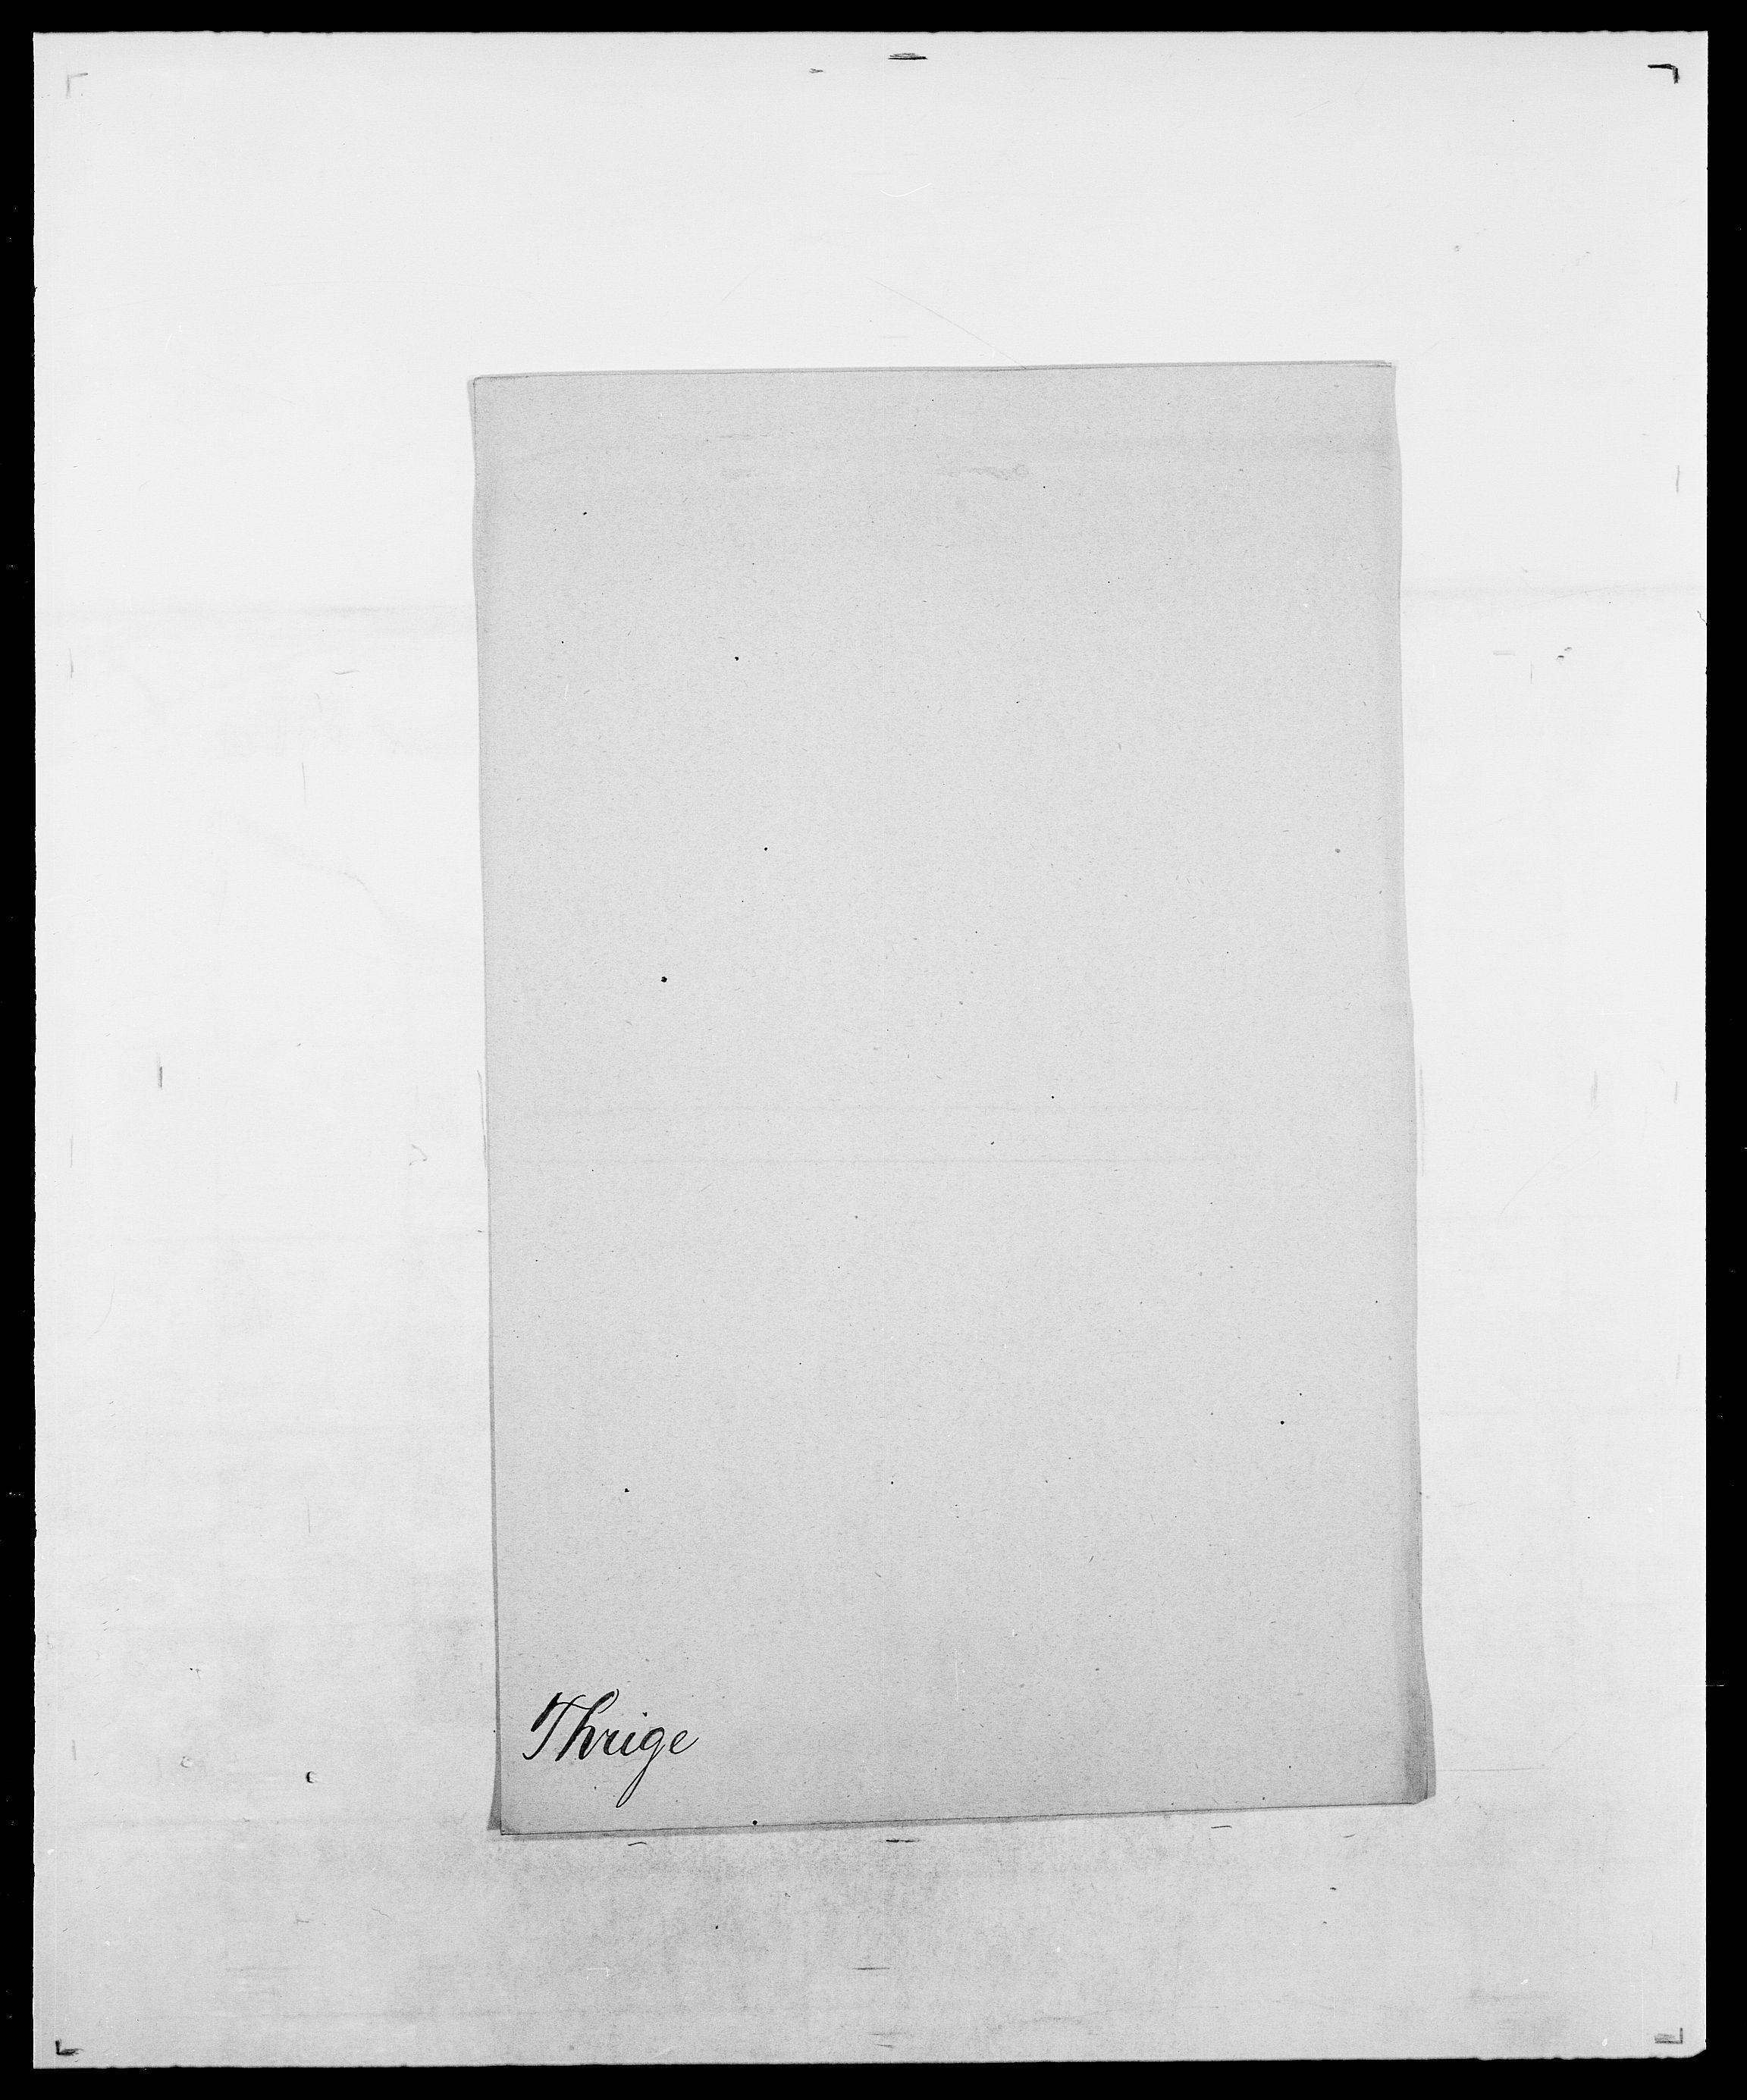 SAO, Delgobe, Charles Antoine - samling, D/Da/L0038: Svanenskjold - Thornsohn, s. 974